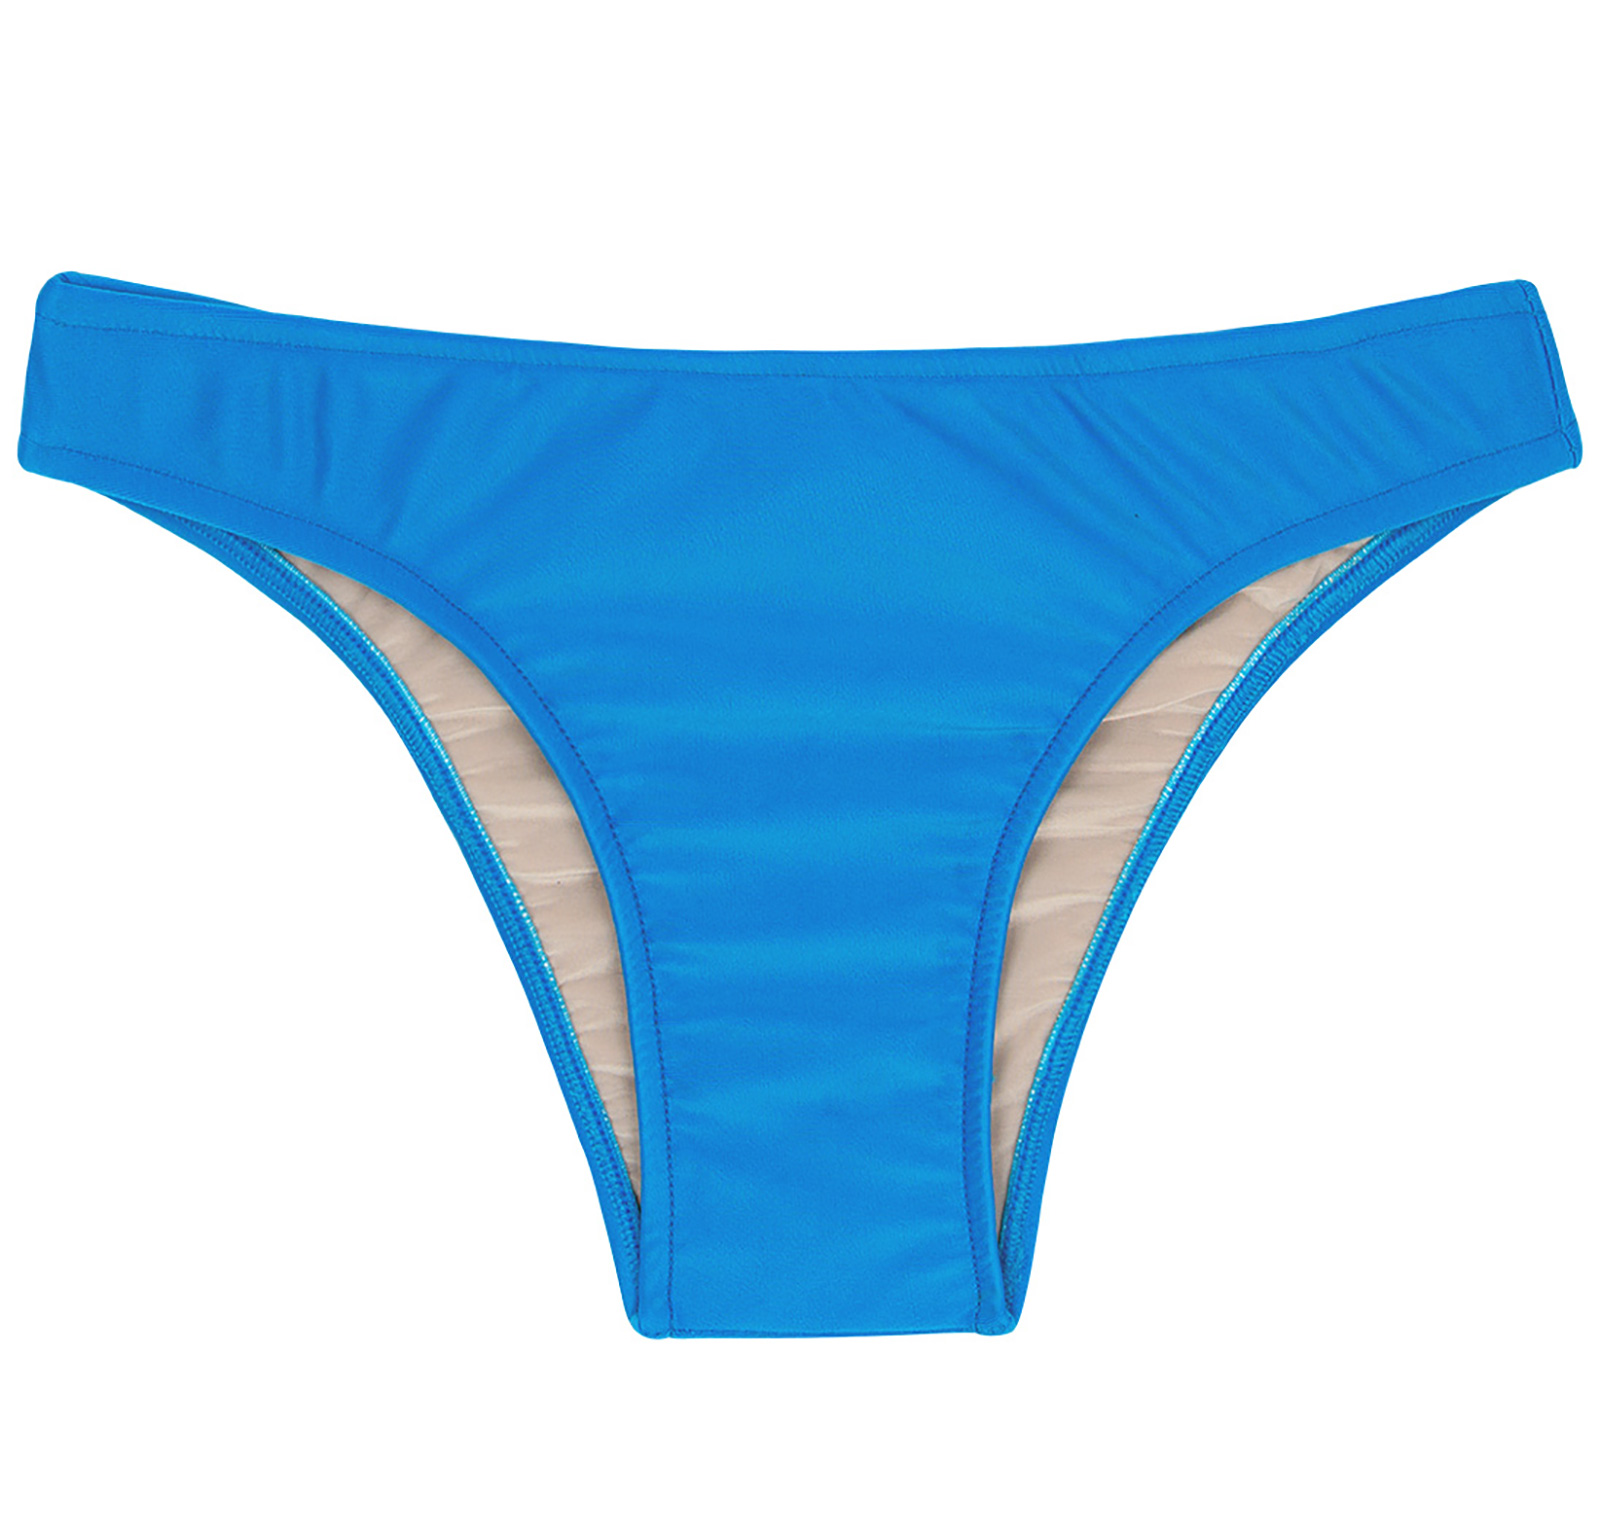 Bikini Bottoms Fixed Blue Bikini Bottoms